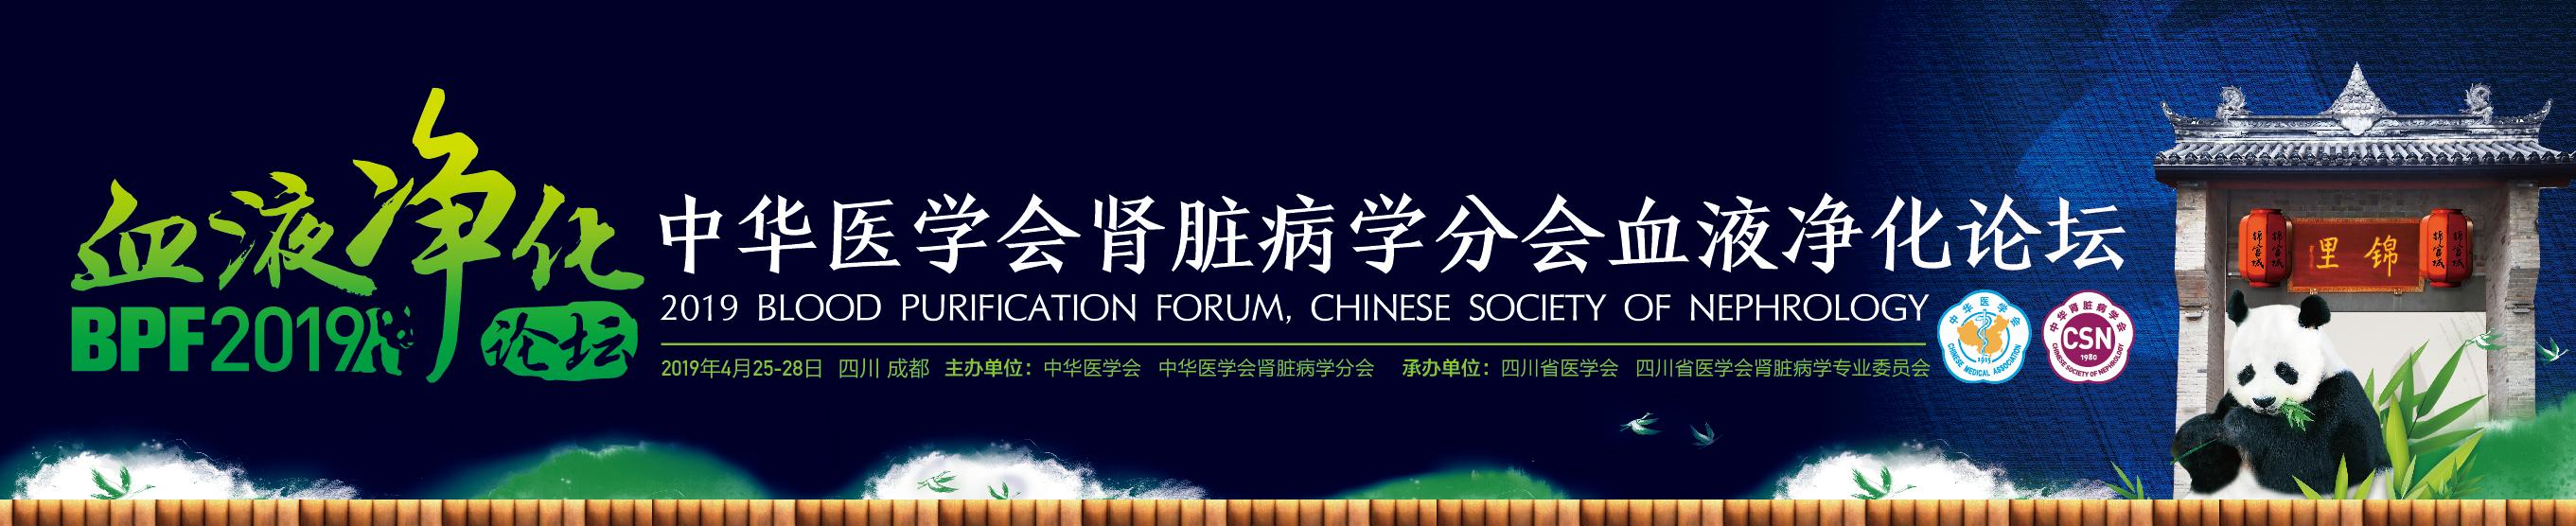 中华医学会肾脏病学分会2019年血液净化论坛